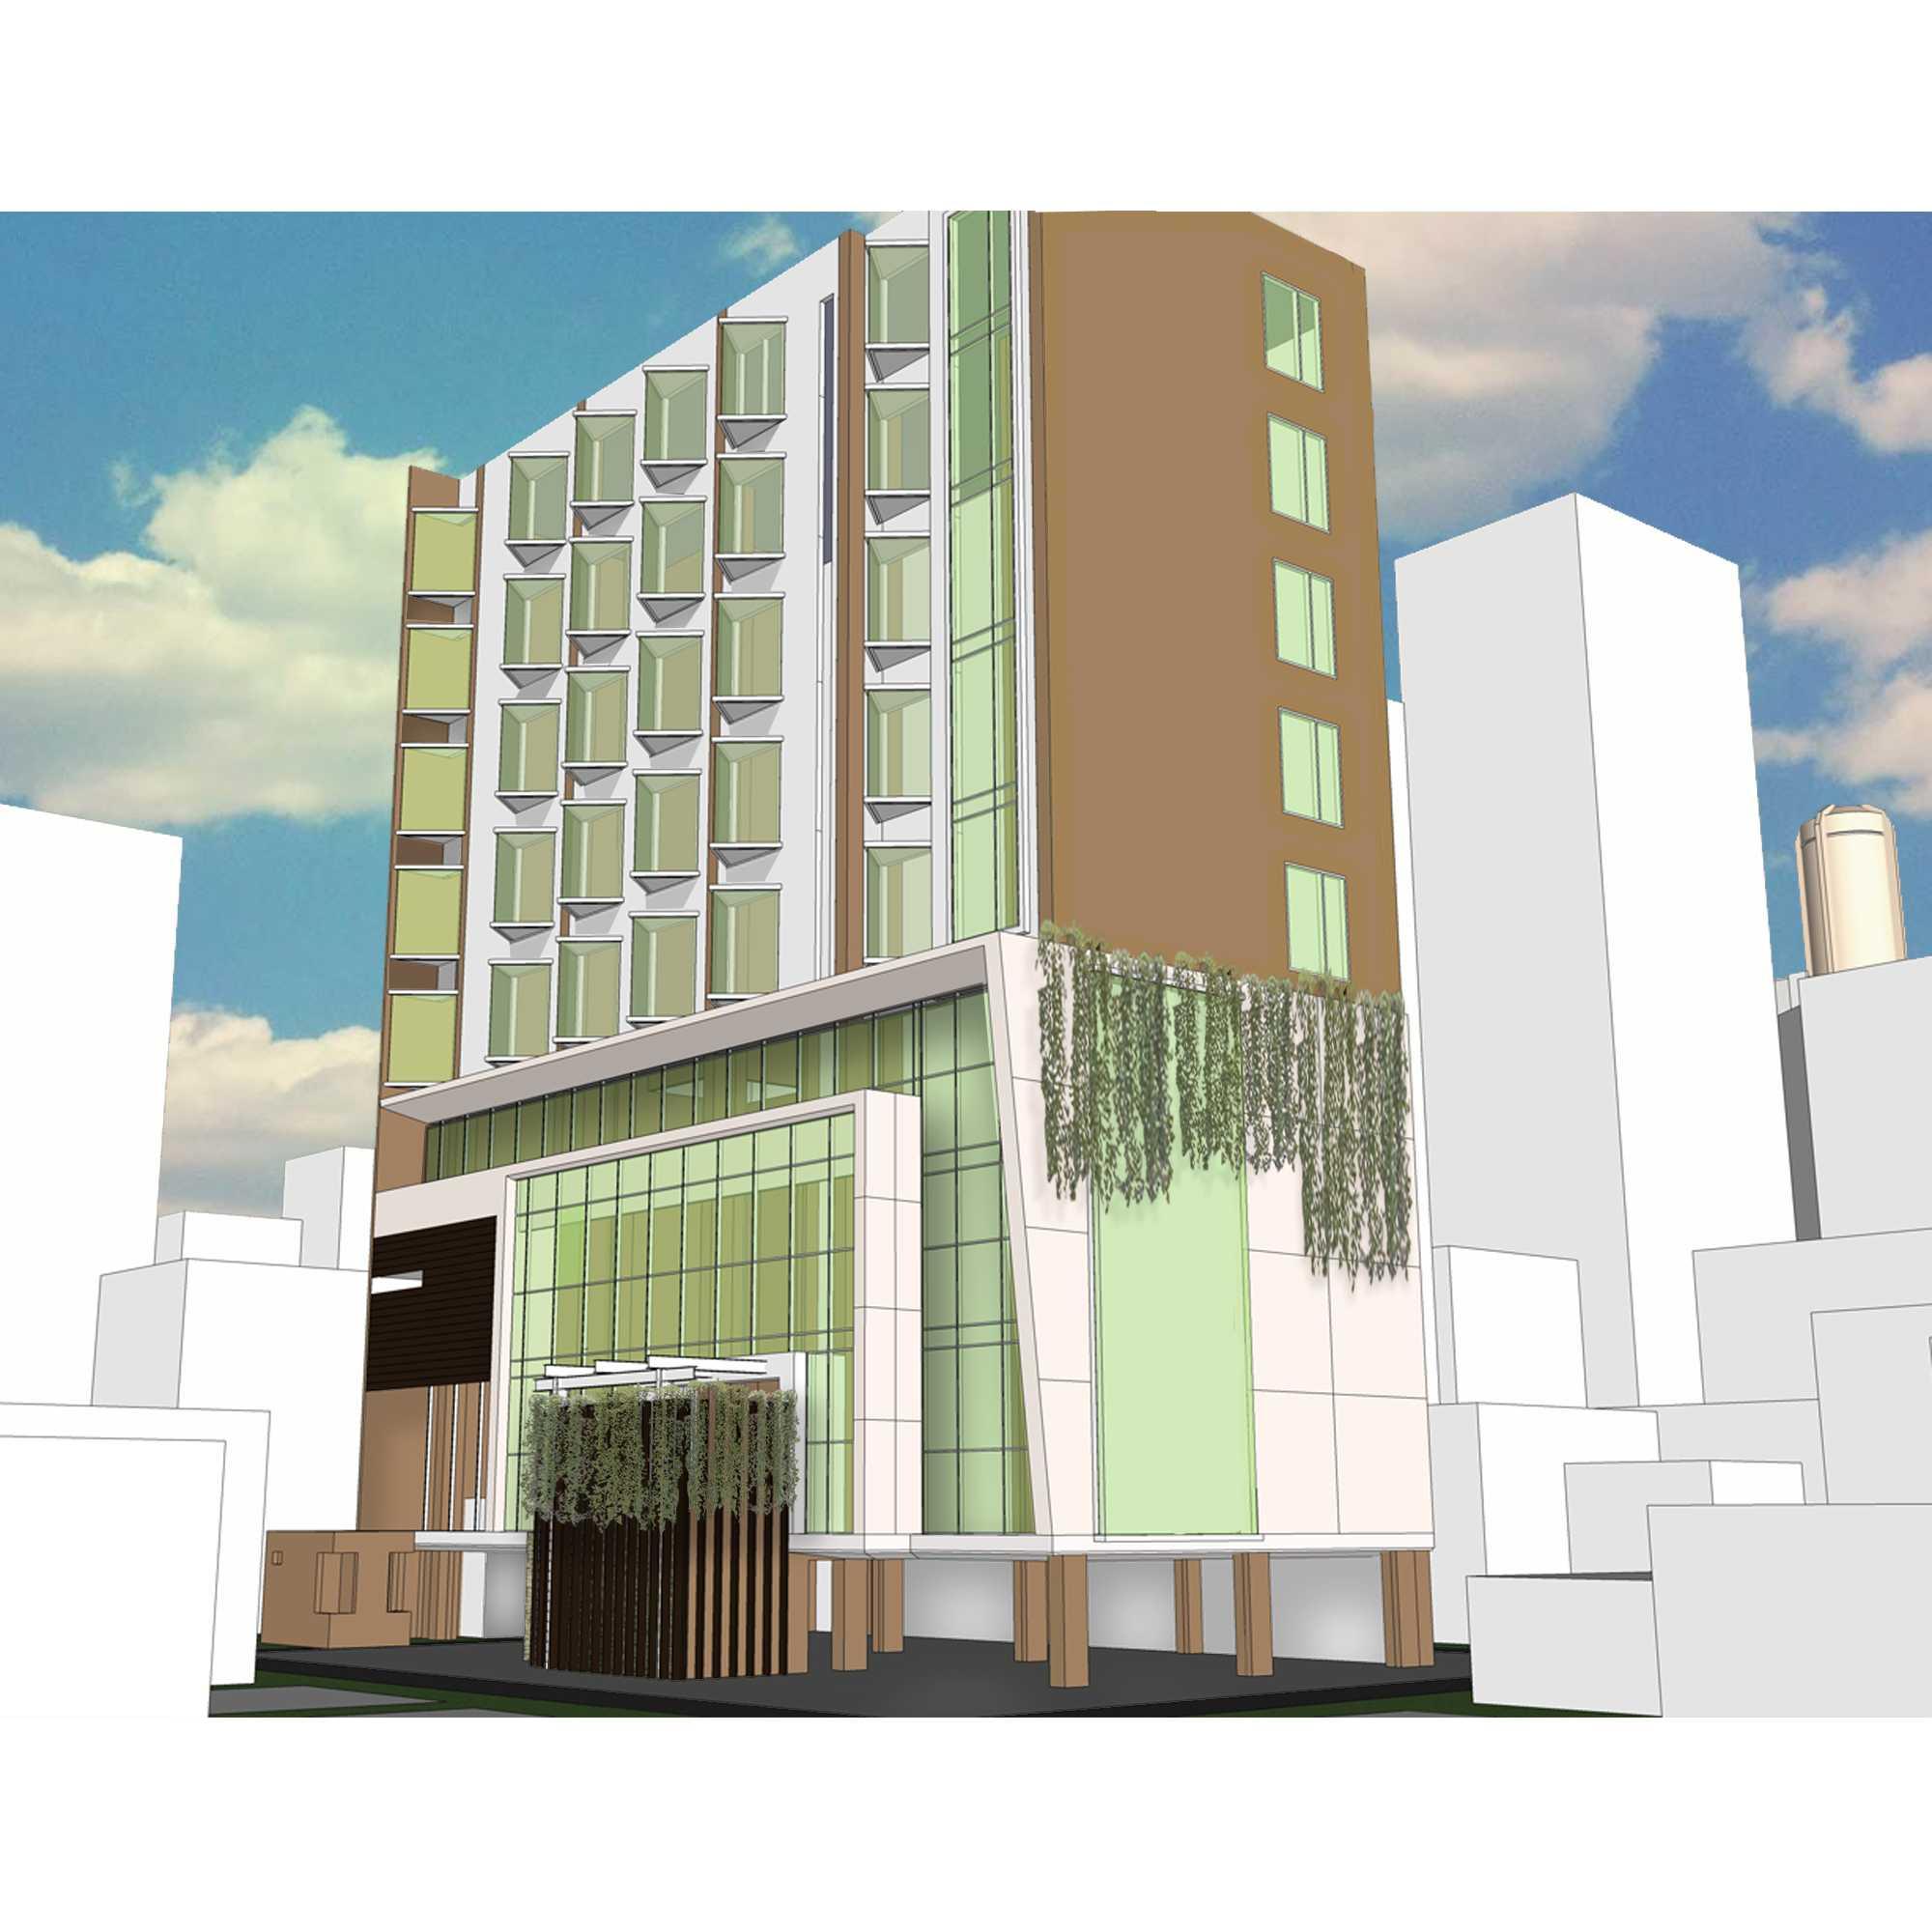 Rdesign Hotel Surabaya Arvada Surabaya City, East Java, Indonesia Surabaya City, East Java, Indonesia Konsep Modern  34122